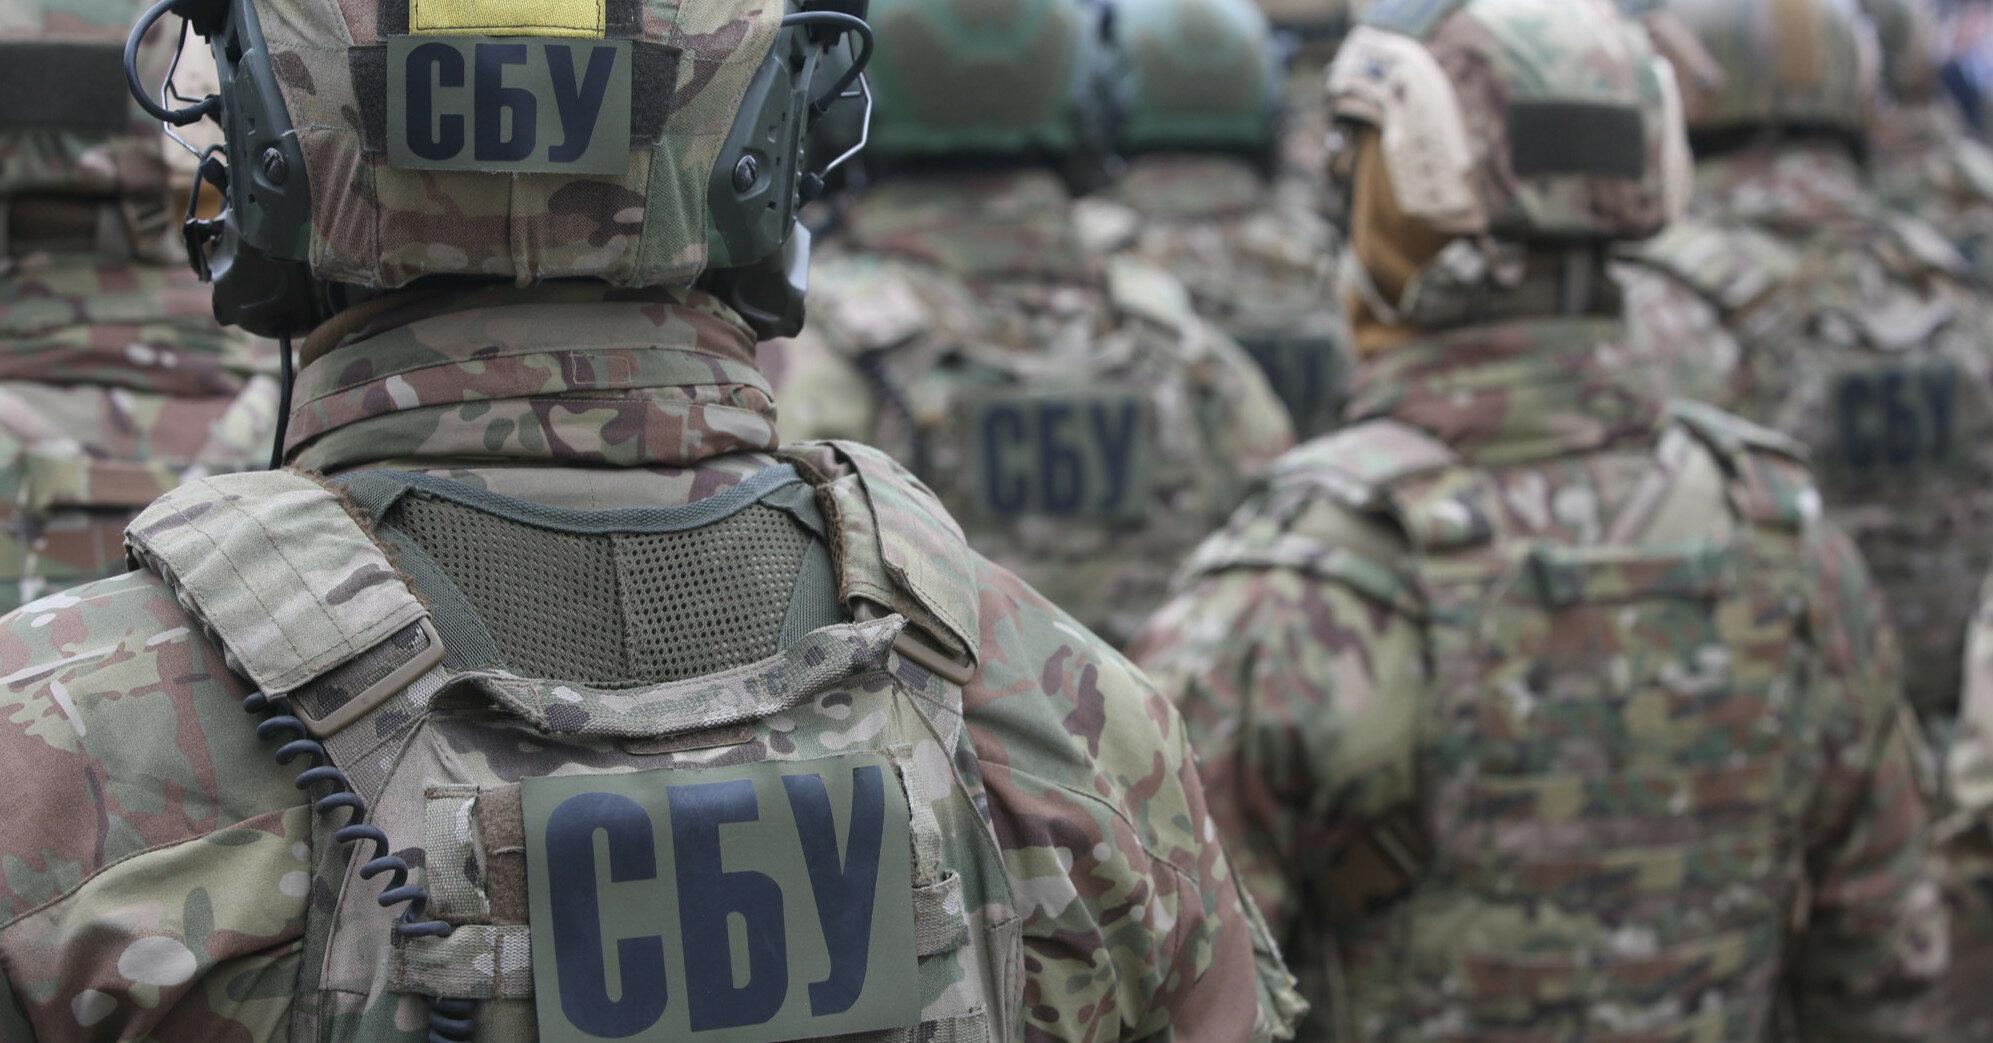 СБУ разоблачила экс-чиновника СНБО, который был завербован спецслужбой